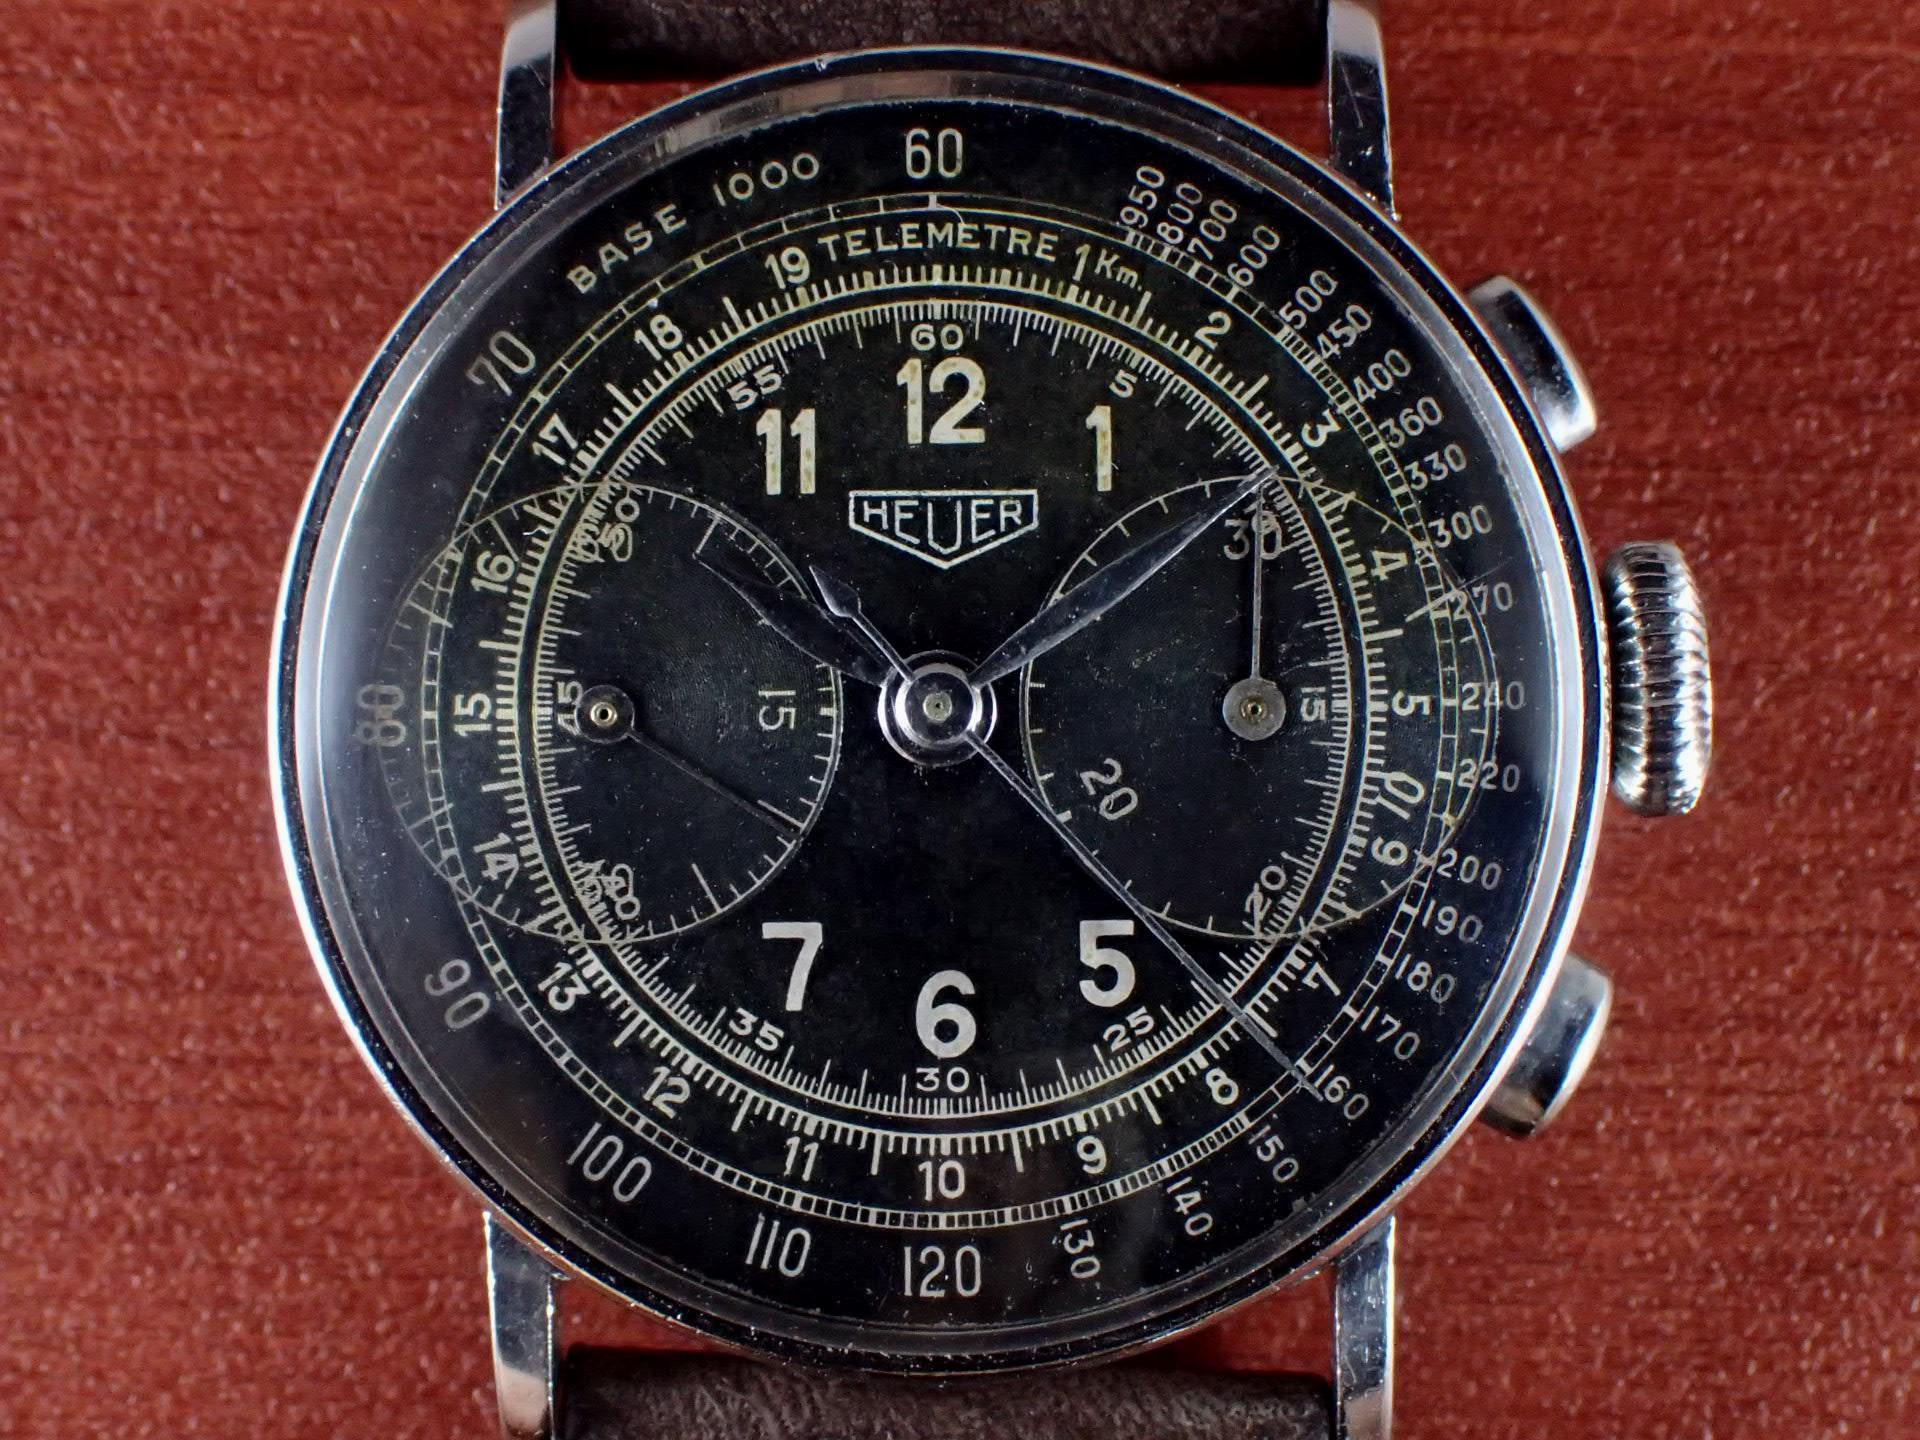 ホイヤー クロノグラフ ビッグアイ ランデロン13 ブラックDL 1940年代の写真2枚目